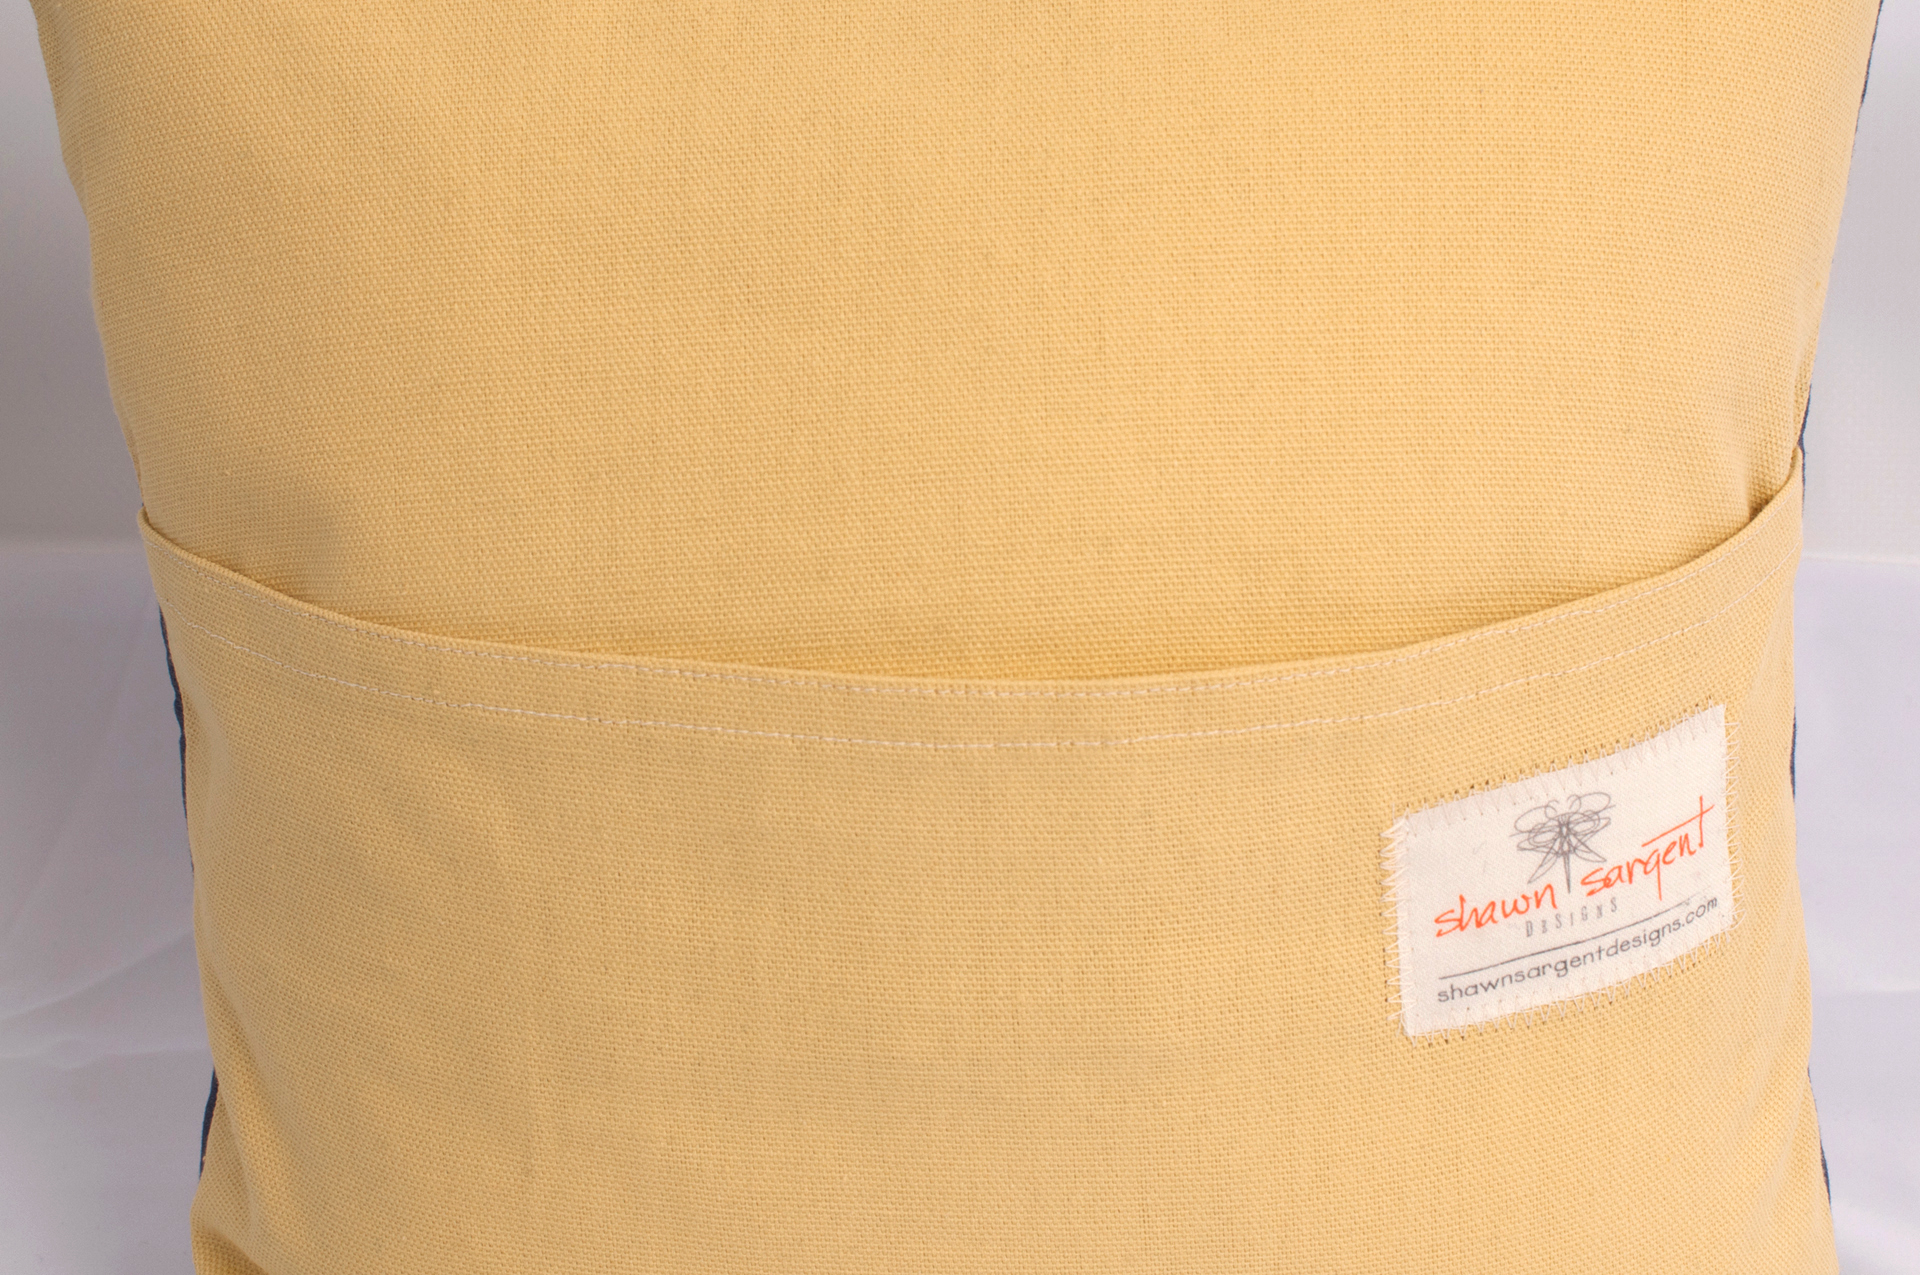 Detail of Handmade Pillow Cover (back)